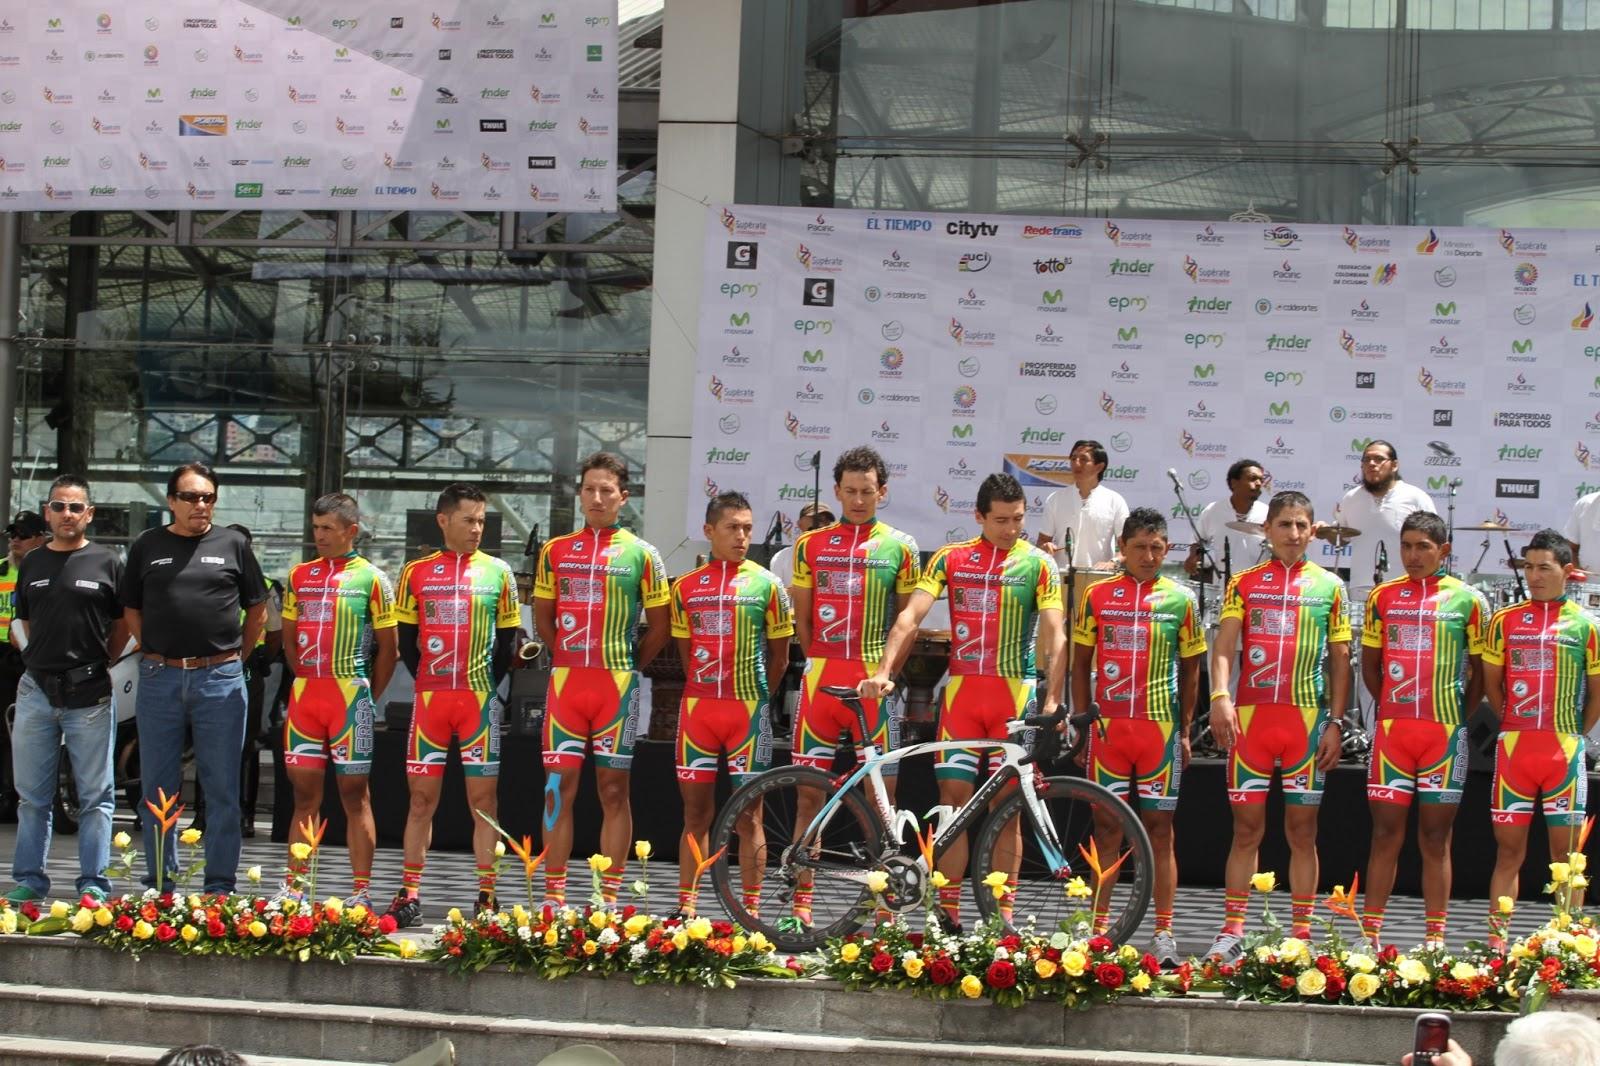 18 equipos tomaran partida en la edición N° 63 de la Vuelta a Colombia